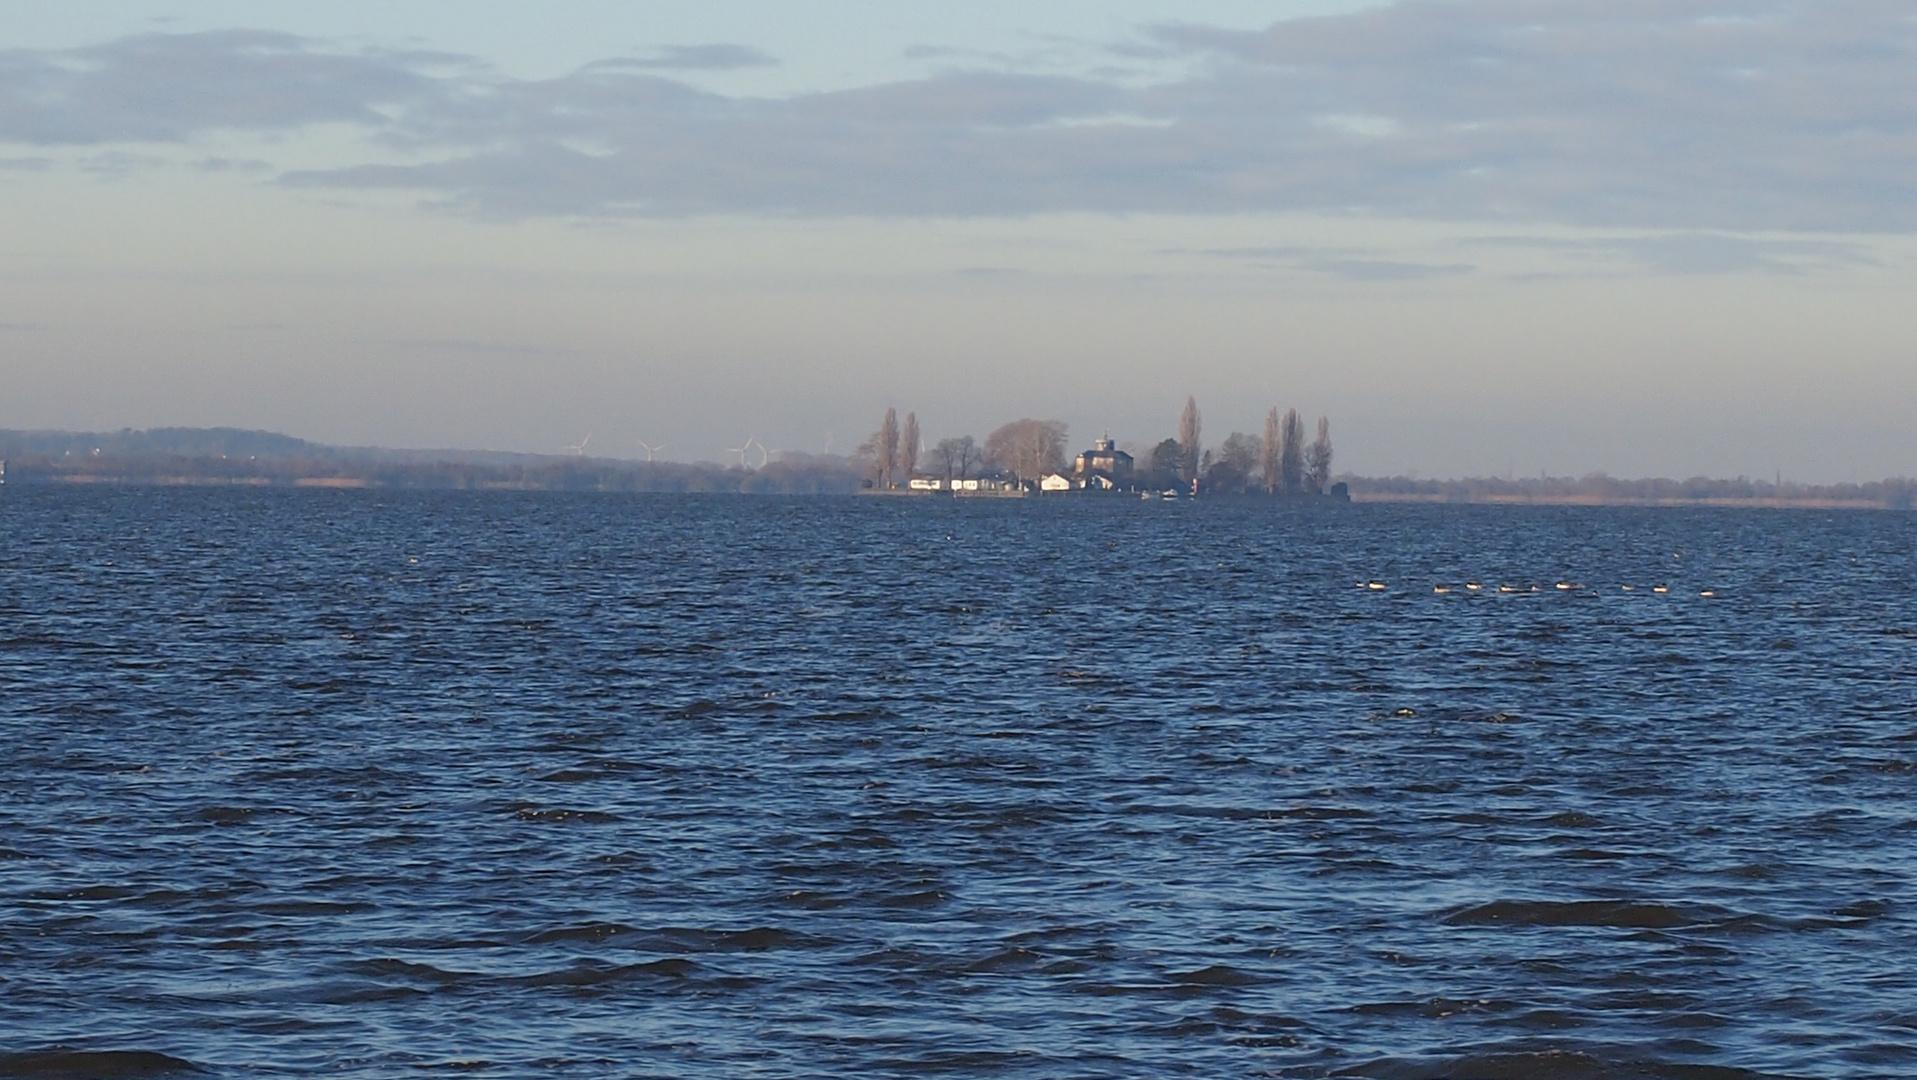 Blick auf Insel wilhelmstein